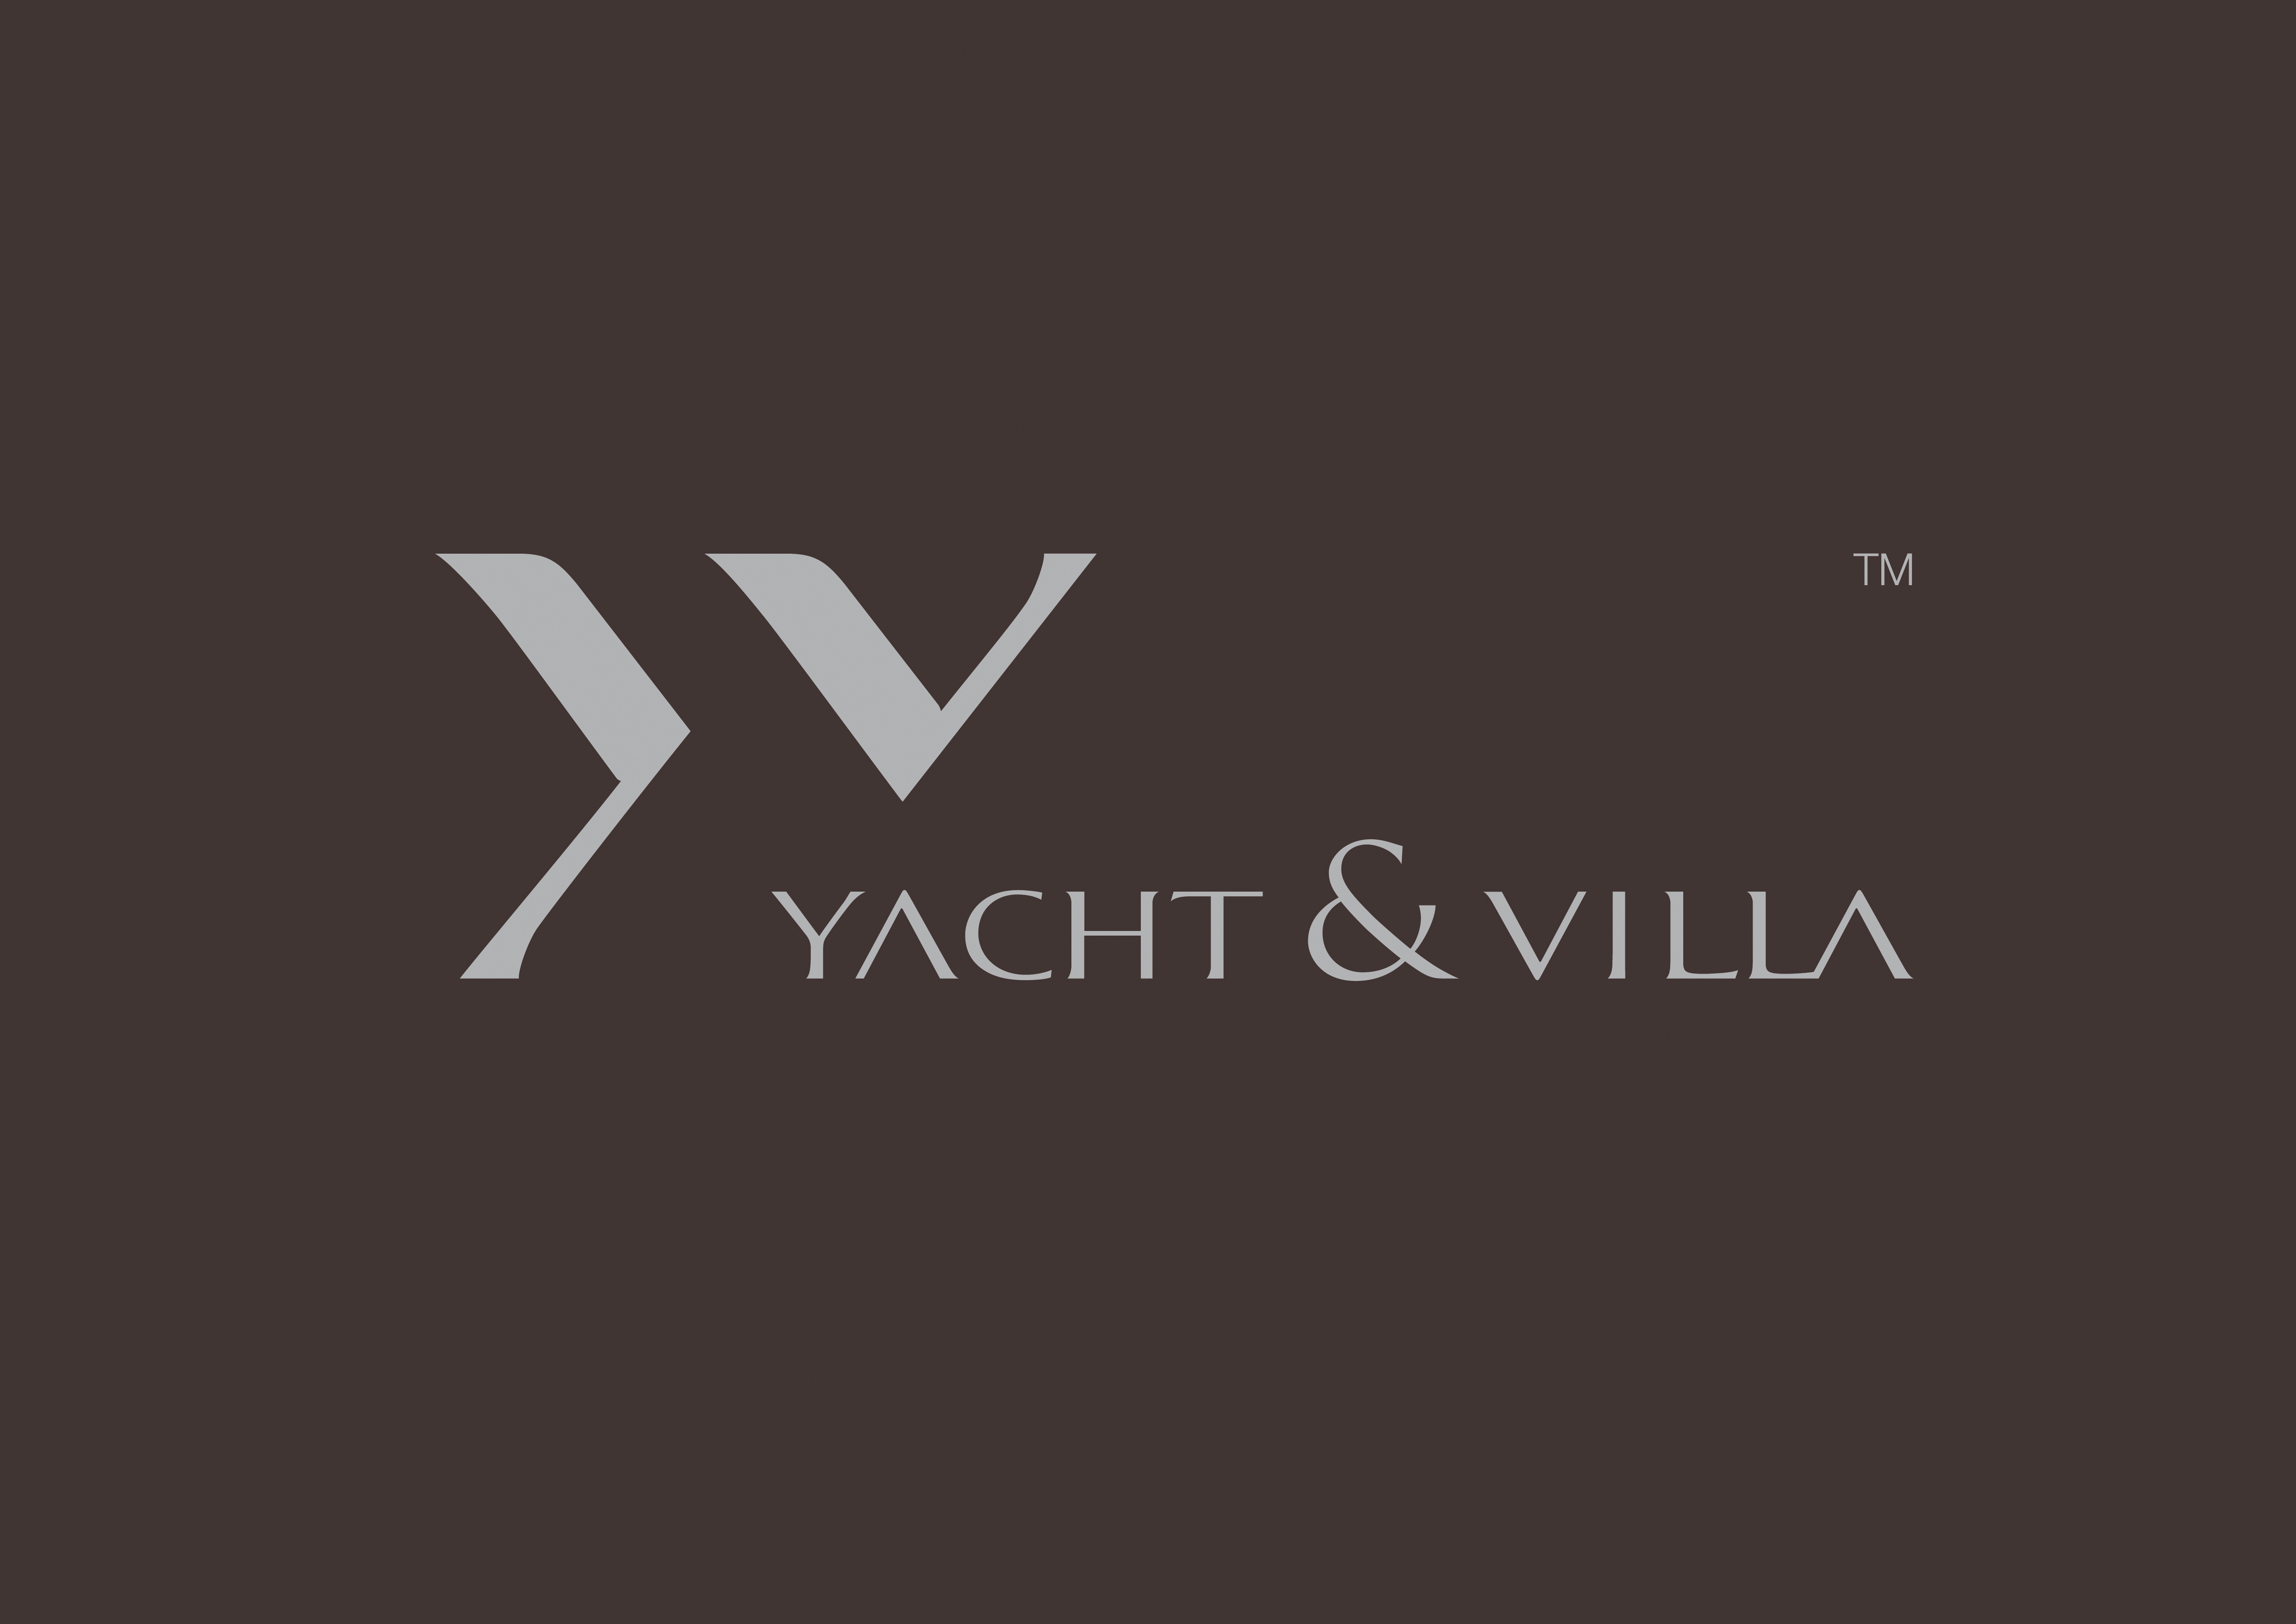 Yacht Villa